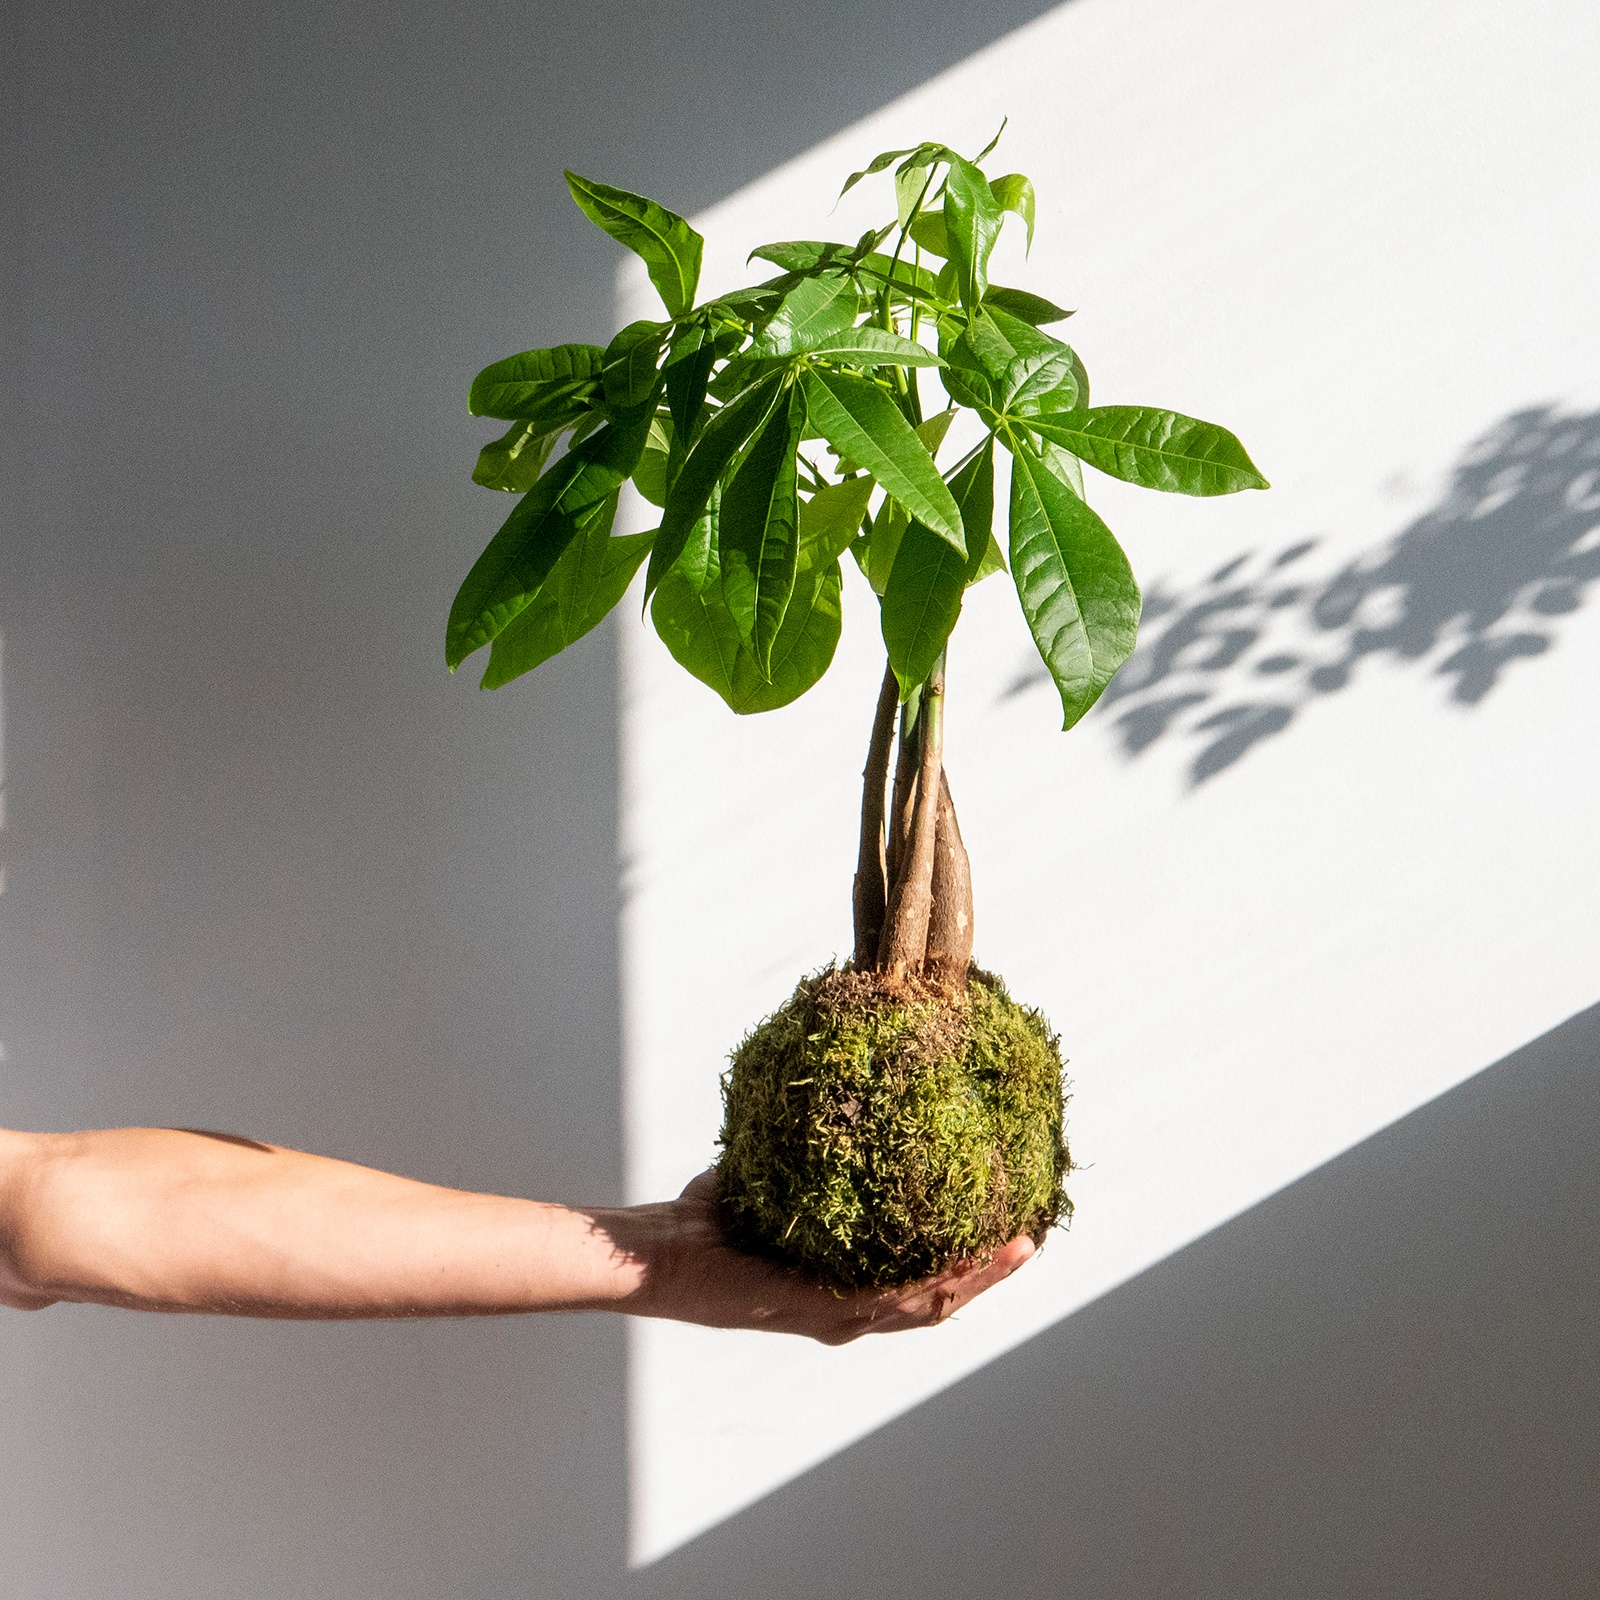 10 ejemplos de Kokedamas para descubrir el arte de las bolas de musgo